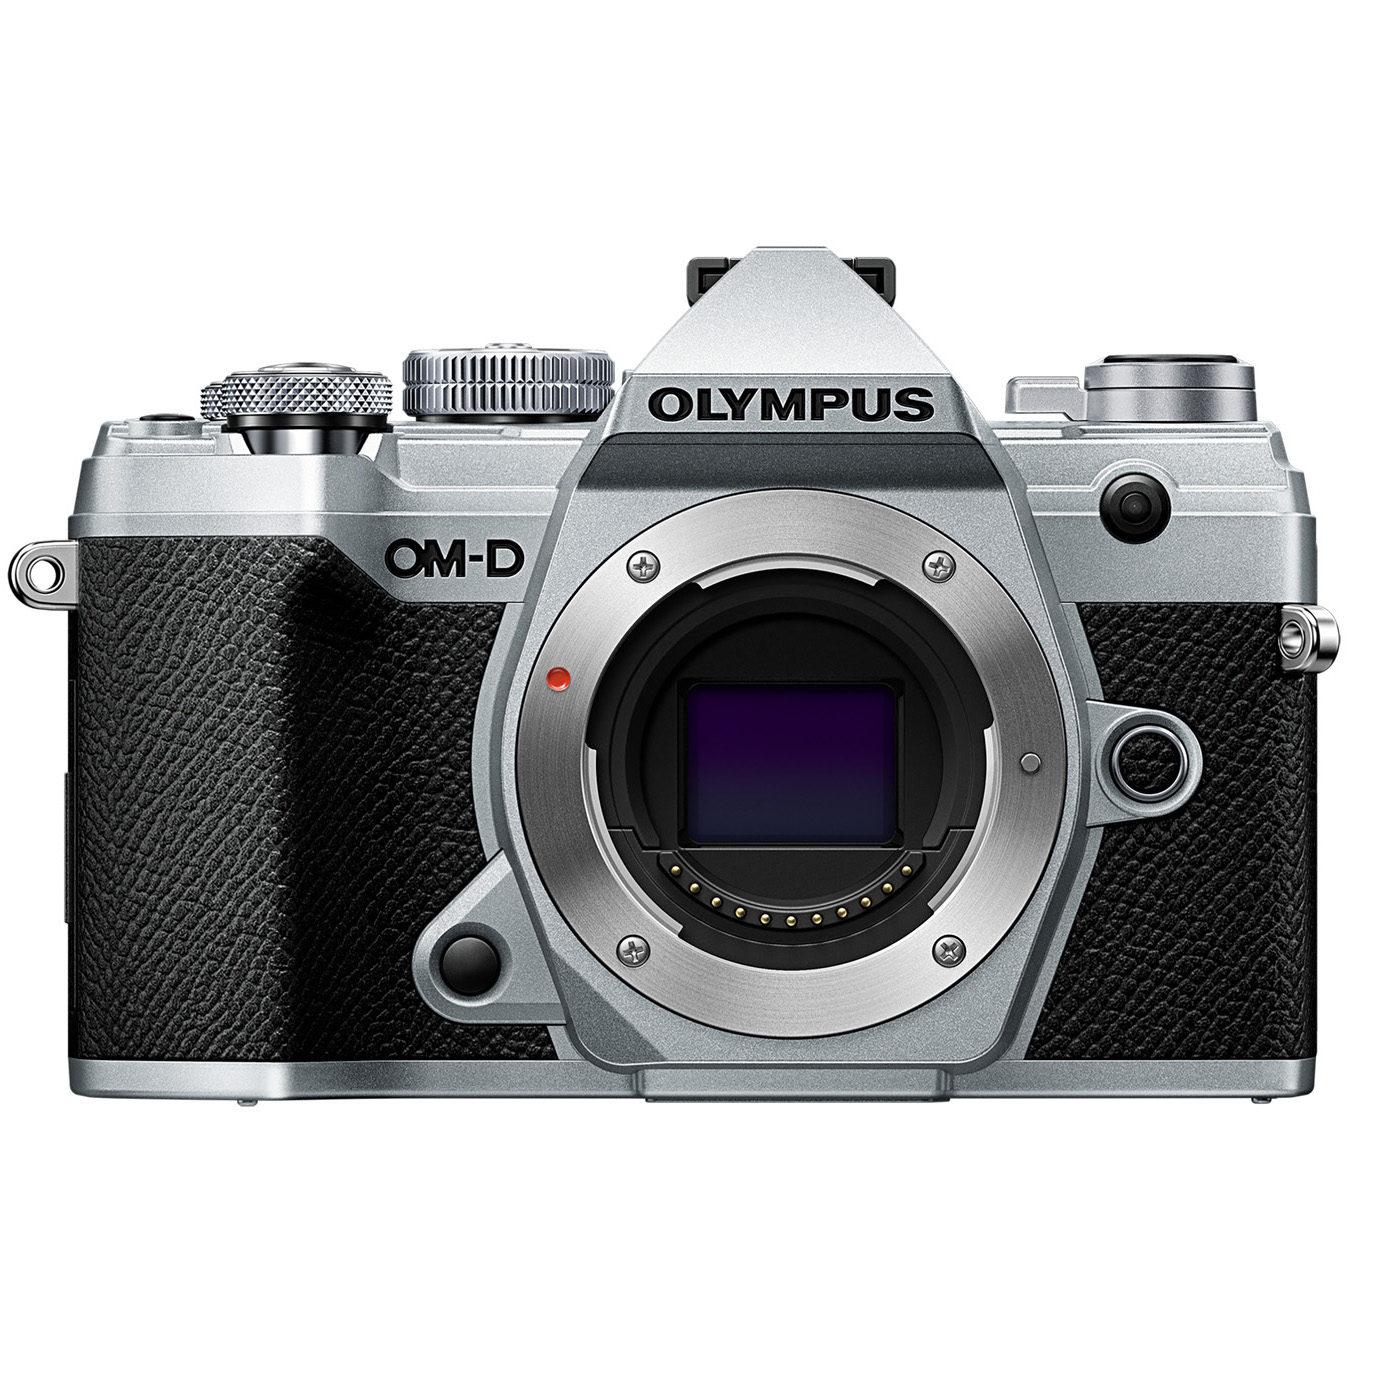 Olympus OM-D E-M5 Mark III systeemcamera Body Zilver <br/>€ 1135.00 <br/> <a href='https://www.cameranu.nl/fotografie/?tt=12190_474631_241358_&r=https%3A%2F%2Fwww.cameranu.nl%2Fnl%2Fp3130157%2Folympus-om-d-e-m5-mark-iii-systeemcamera-body-zilver%3Fchannable%3De10841.MzEzMDE1Nw%26utm_campaign%3D%26utm_content%3DOM-D%2Bserie%26utm_source%3DTradetracker%26utm_medium%3Dcpc%26utm_term%3DDigitale%2Bcamera%26apos%3Bs' target='_blank'>naar de winkel</a>